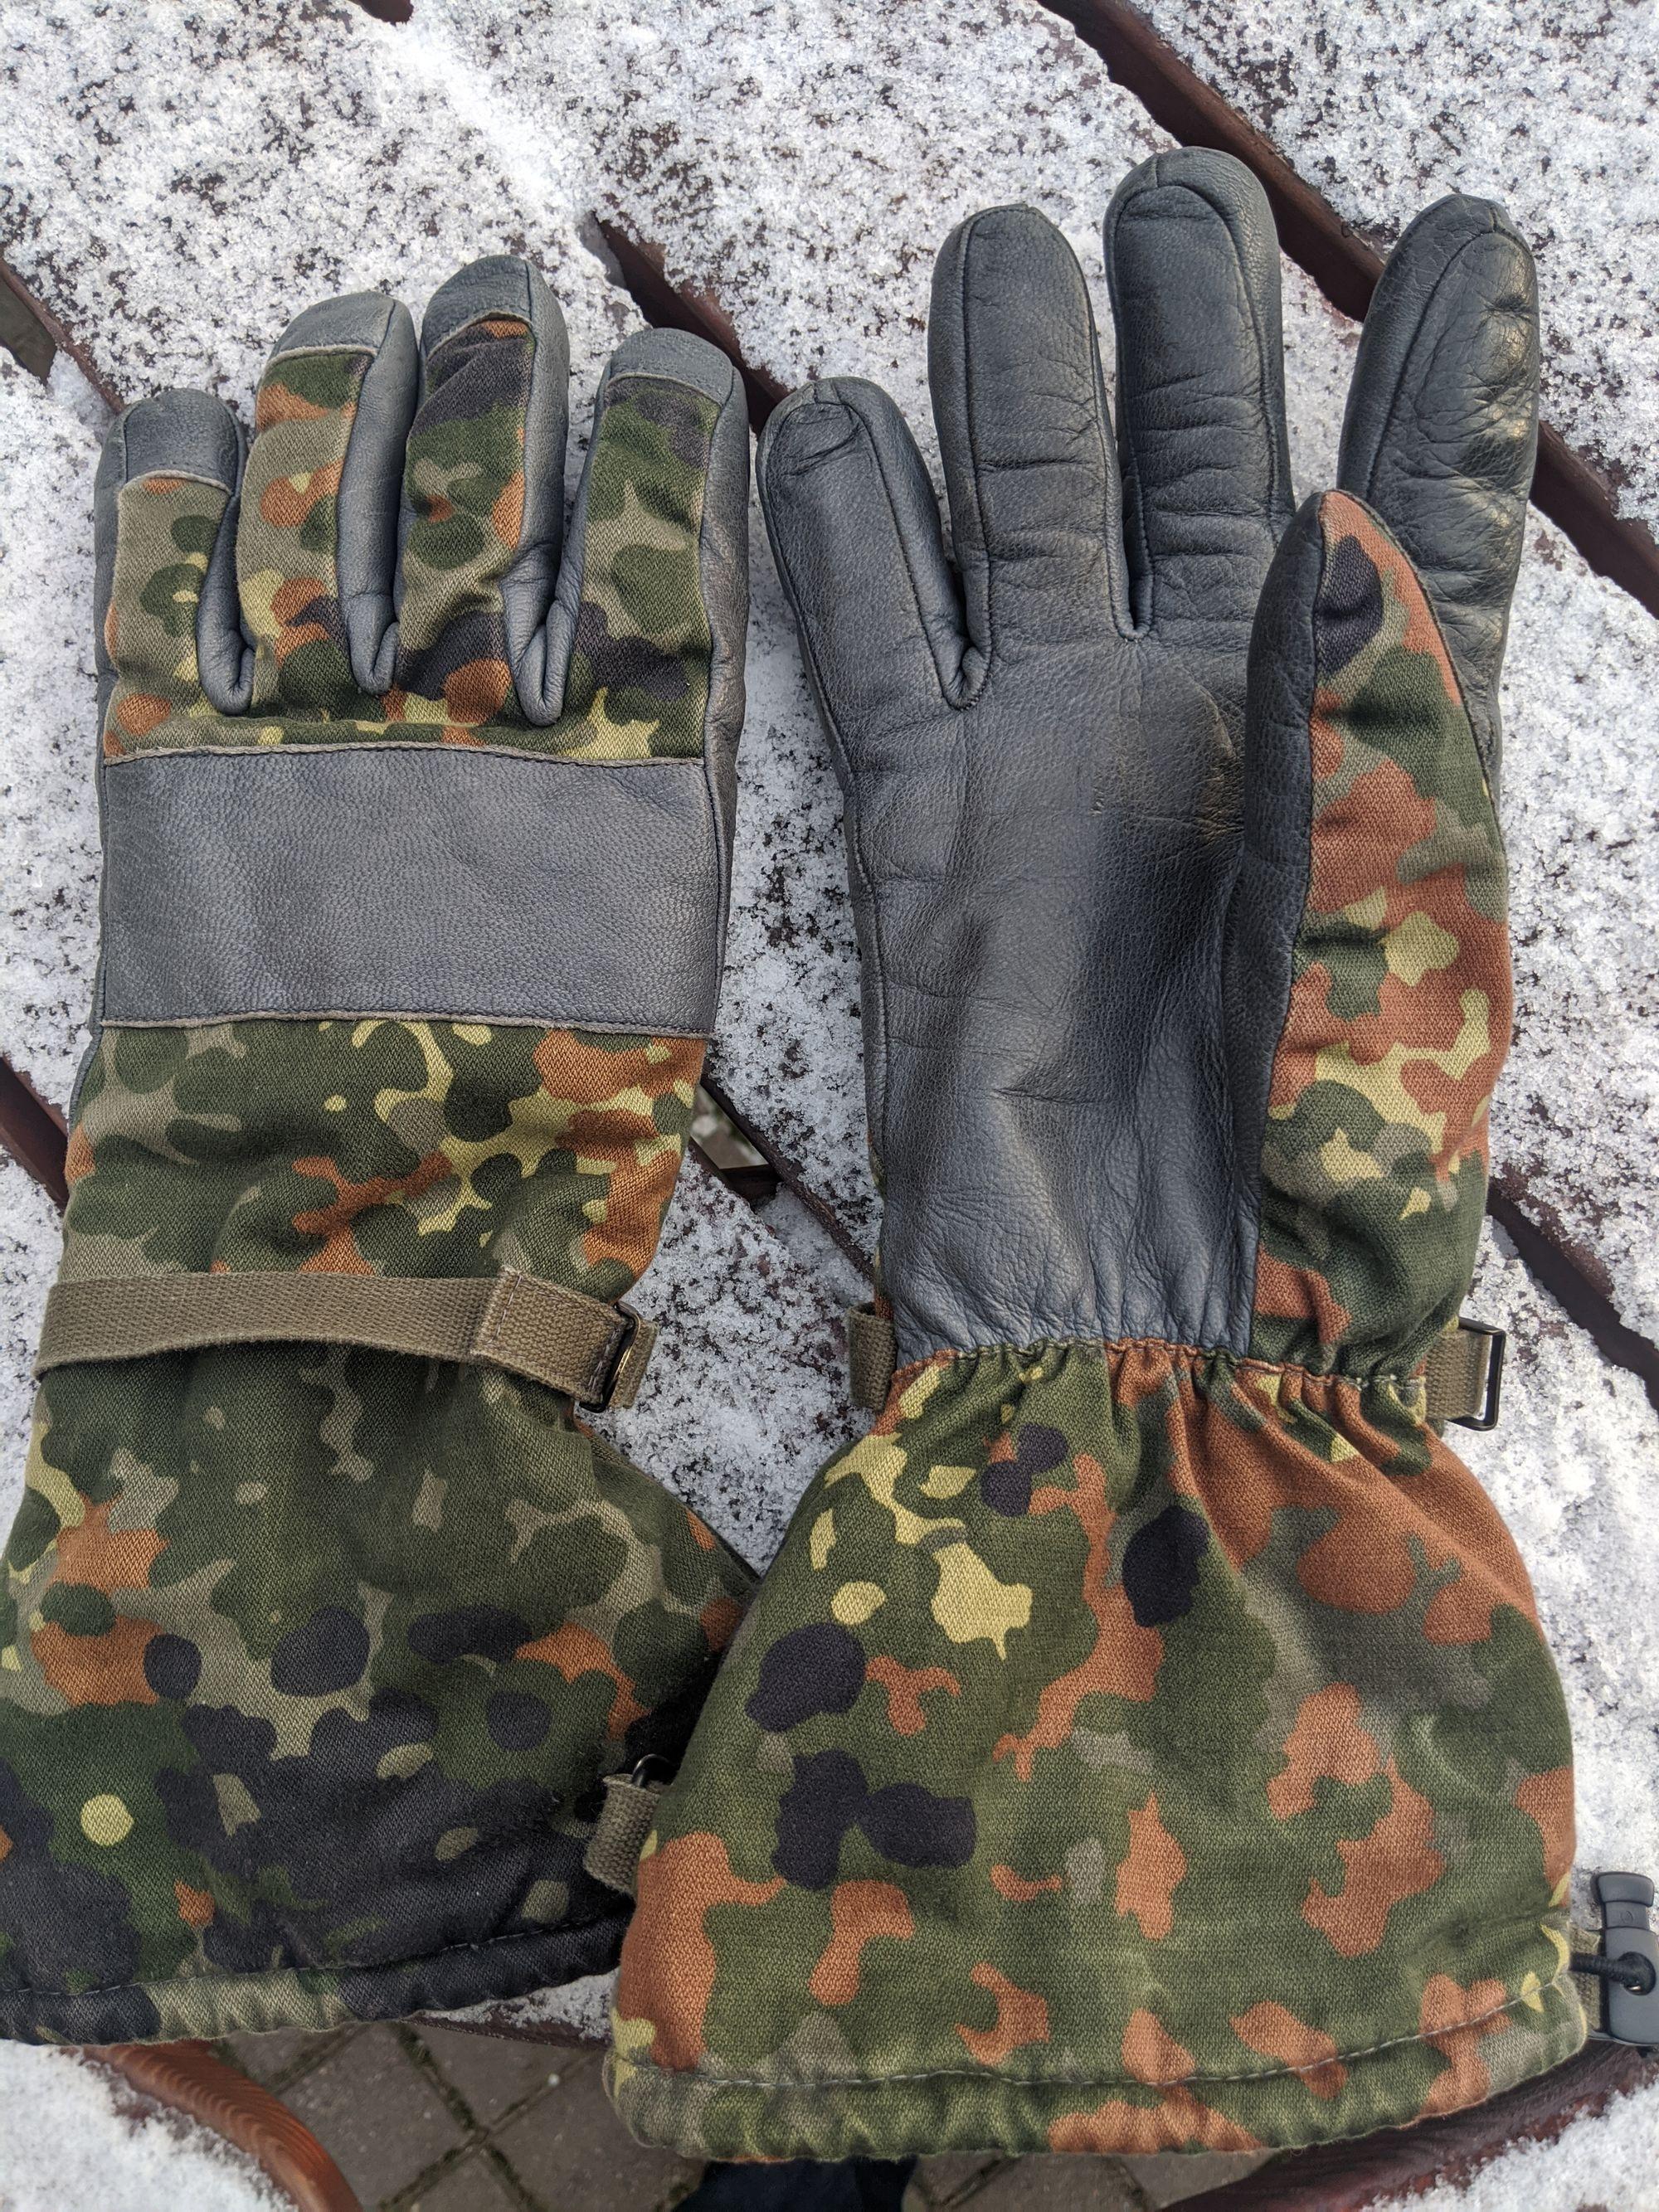 Vinter! Dags för nya handskar!